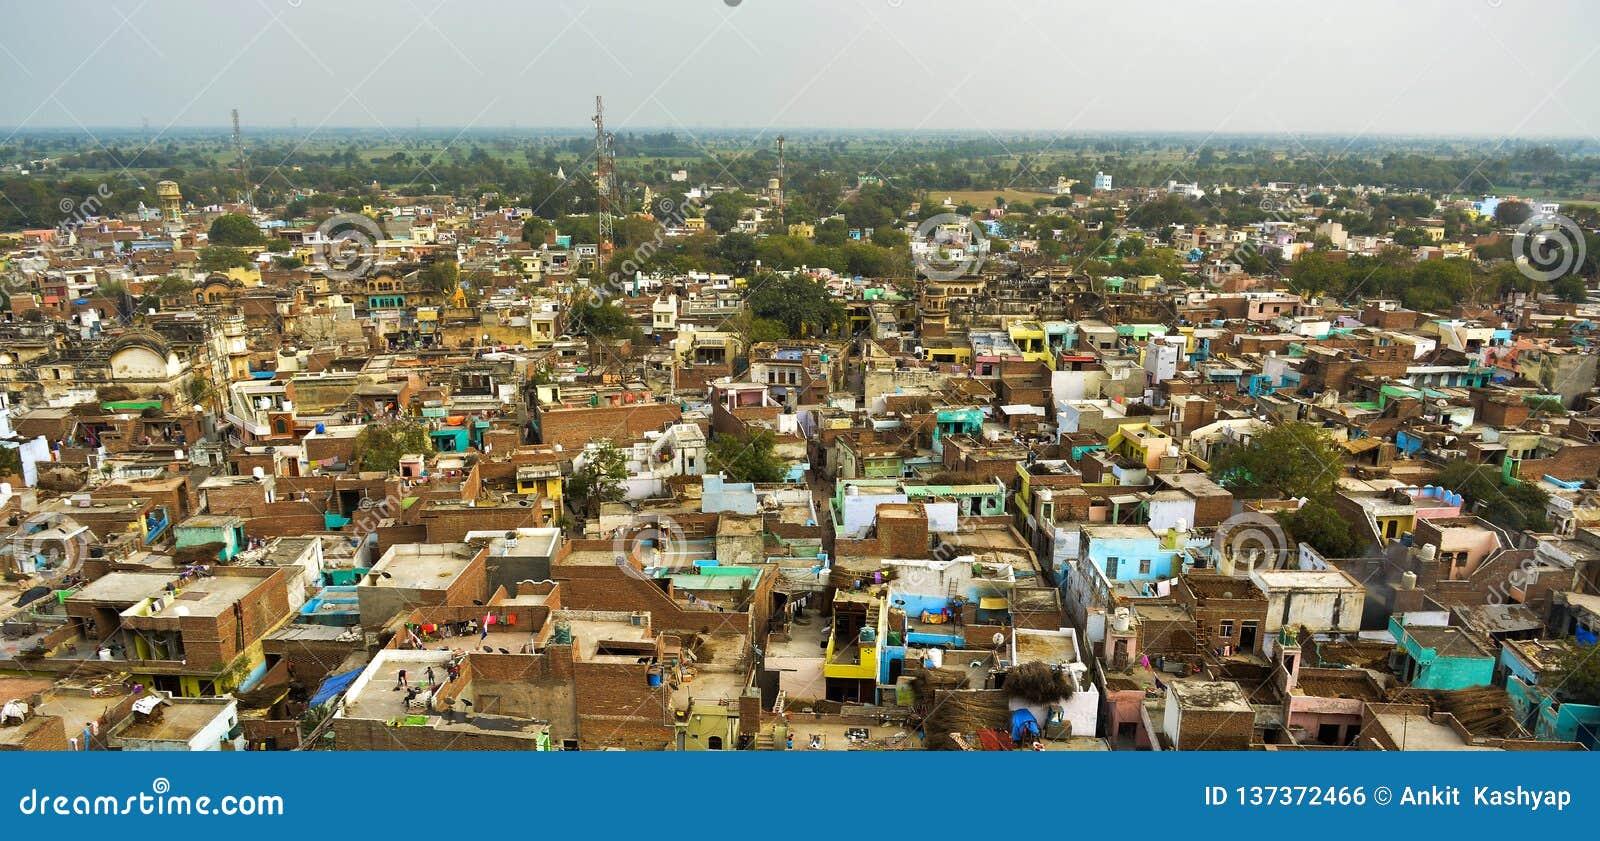 Tiro do panorama de Ariel de uma cidade com grande número de casas pequenas com hortaliças em torno delas